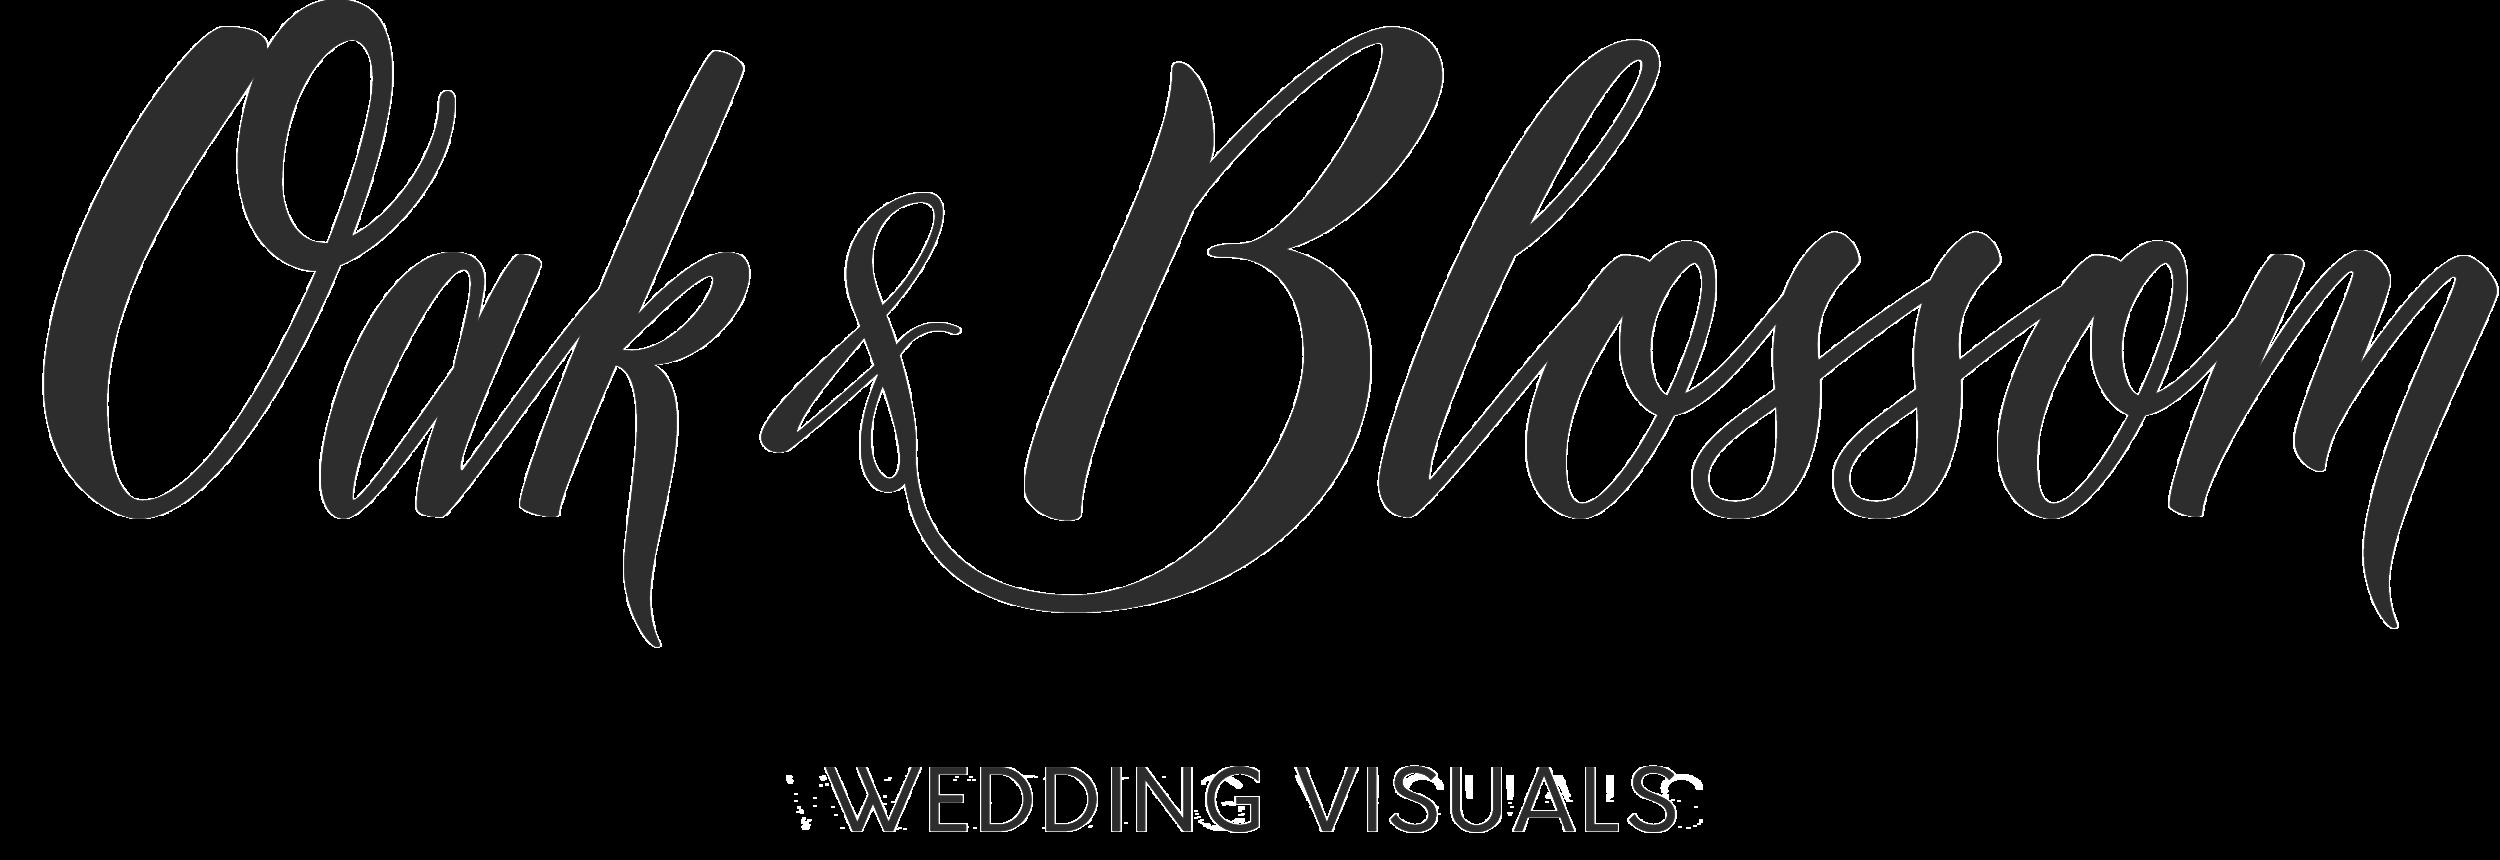 Oak & Blossom Vector_2017.png